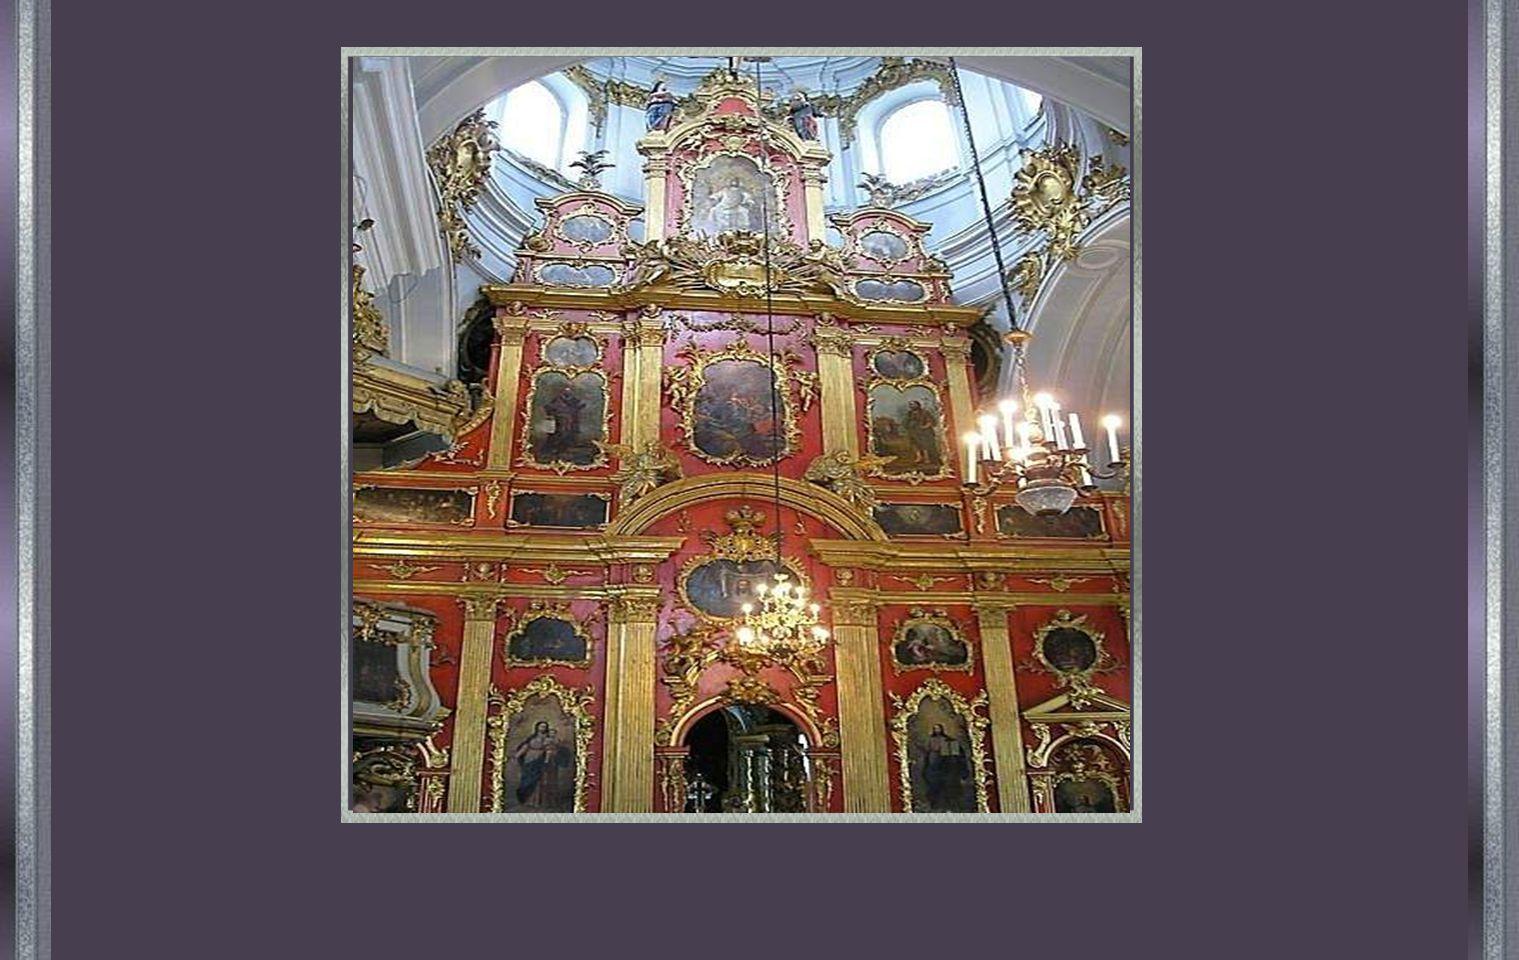 KIEV RUSIA. Rusko. Chrám sv. Ondřeje. KIEV RUSSIA. Church of St Andrew